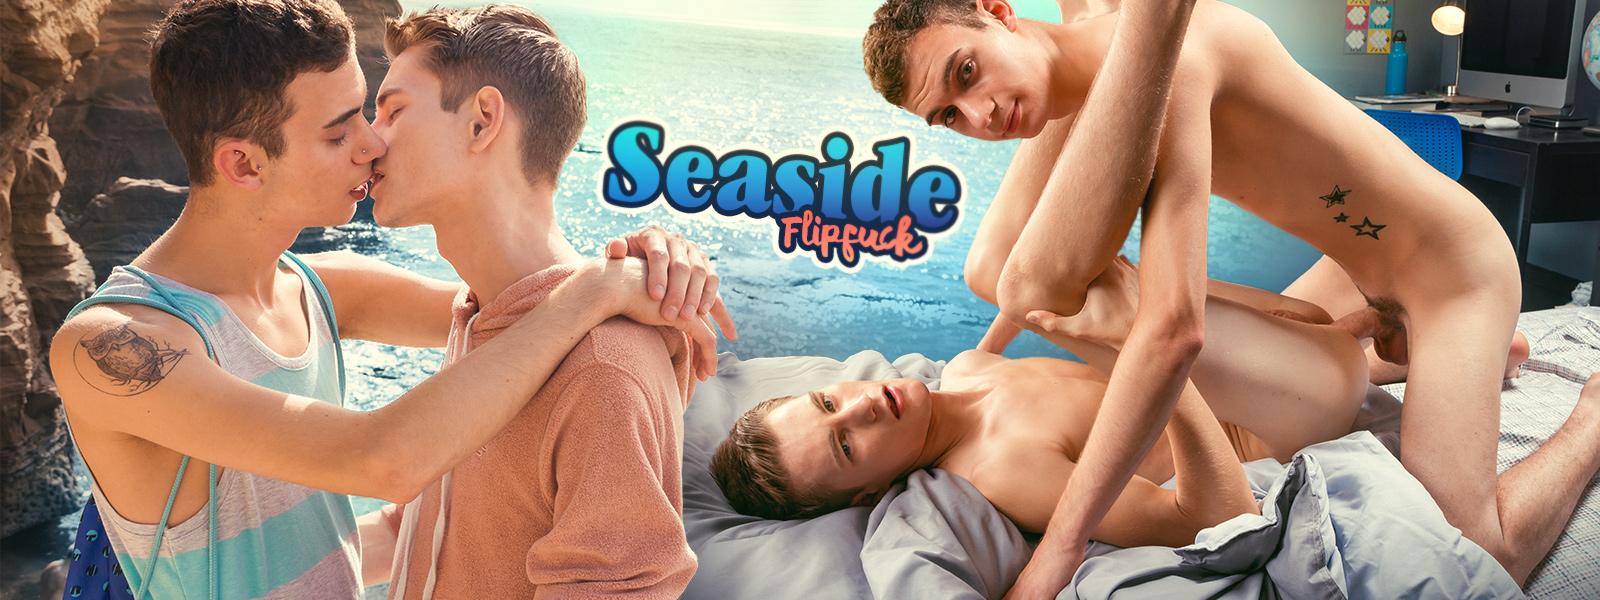 Seaside Flipfuck